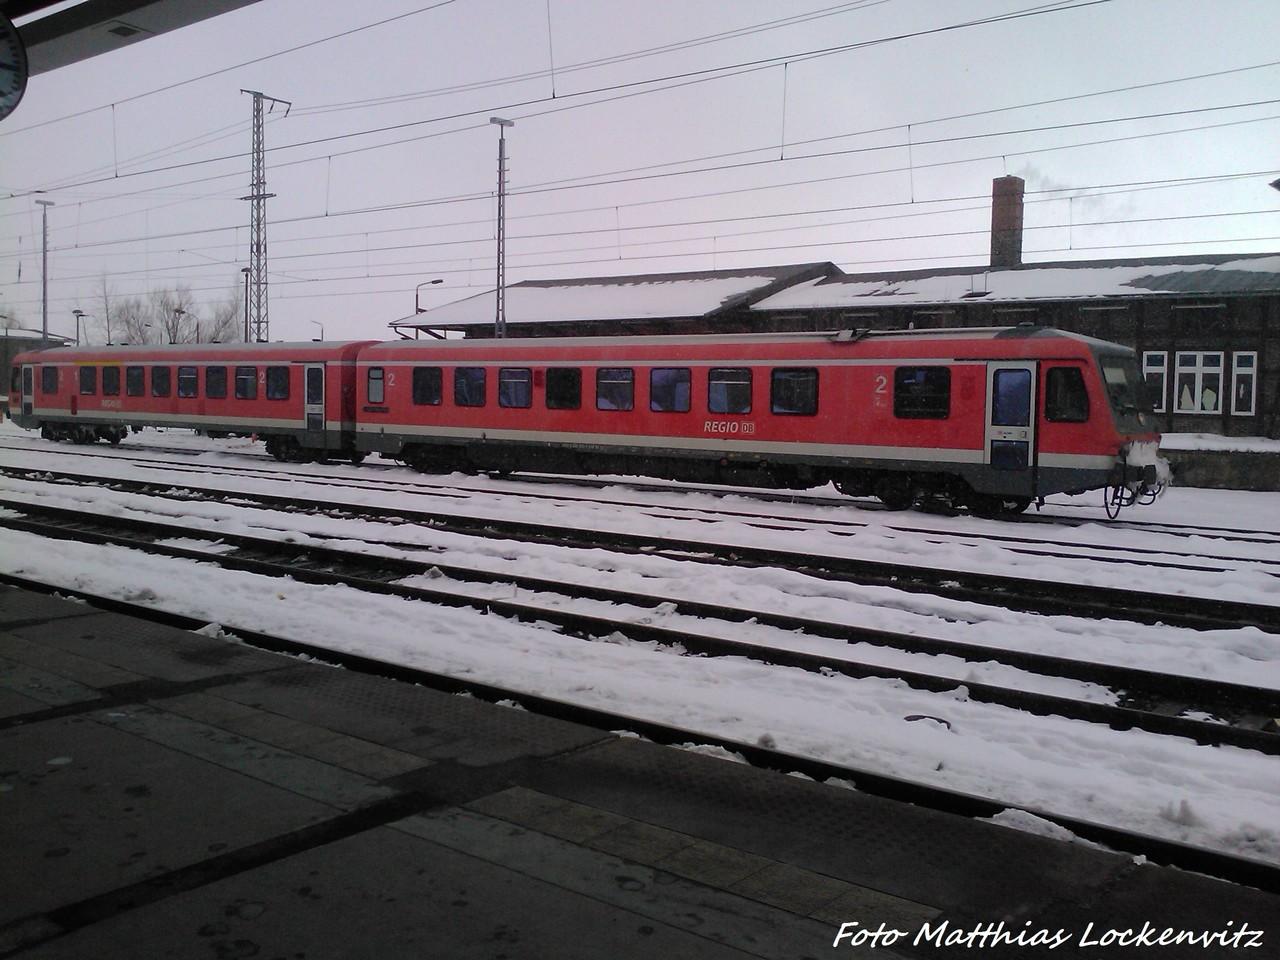 628 243 / 928 243 Abgestellt Im Bahnhof Stralsund Hbf